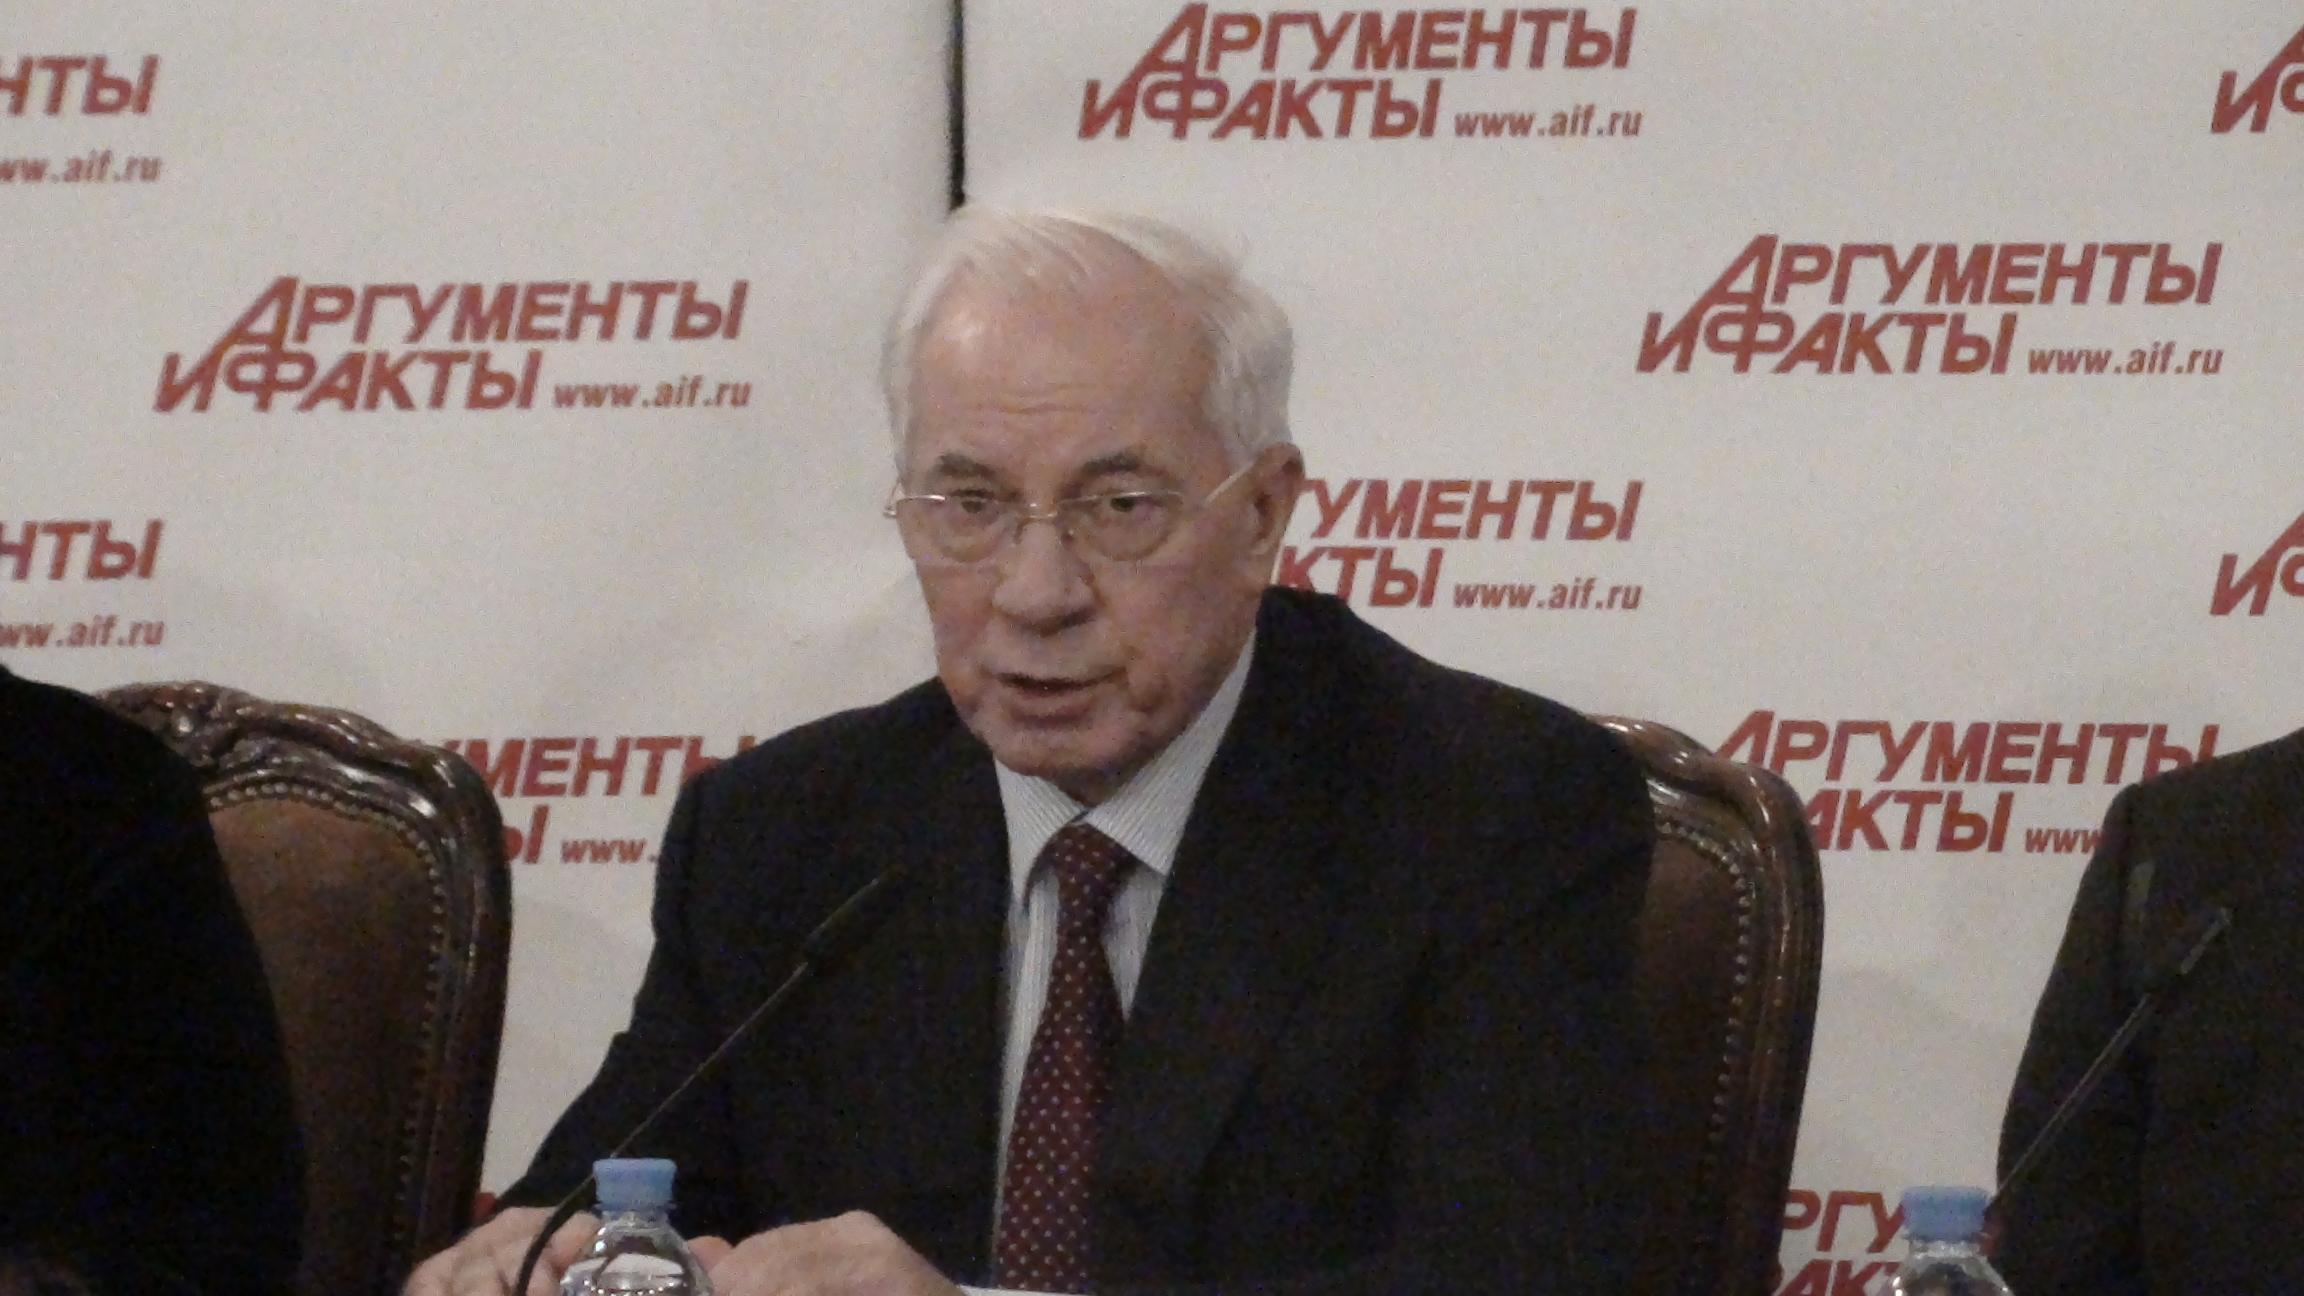 Мы допустили переворот! Мы виноваты! Николай Азаров (видео).